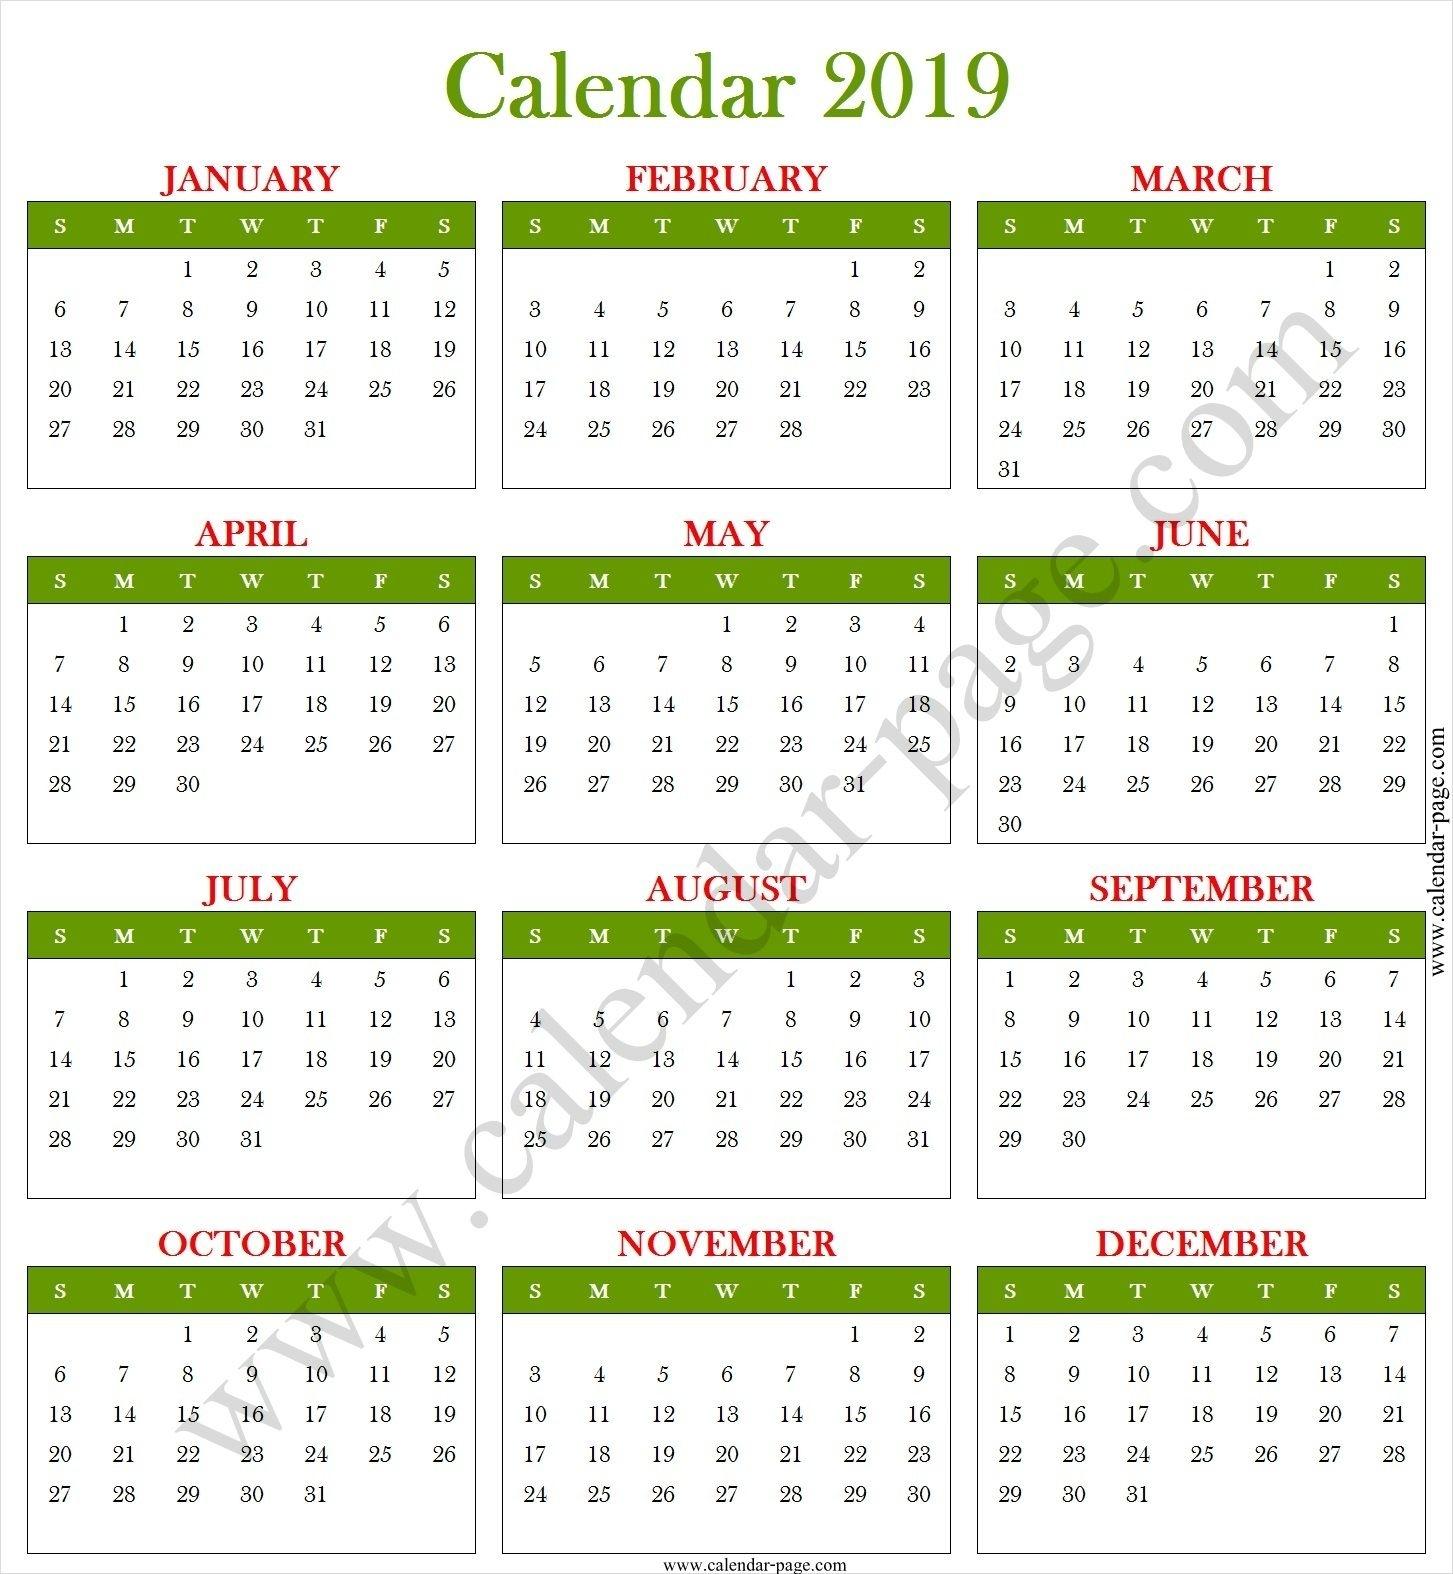 2019 Calendar Bangla | Calendar 2019 Template, 2019 Calendar regarding Fiscal Year Calendar 2020 Printable Bangla